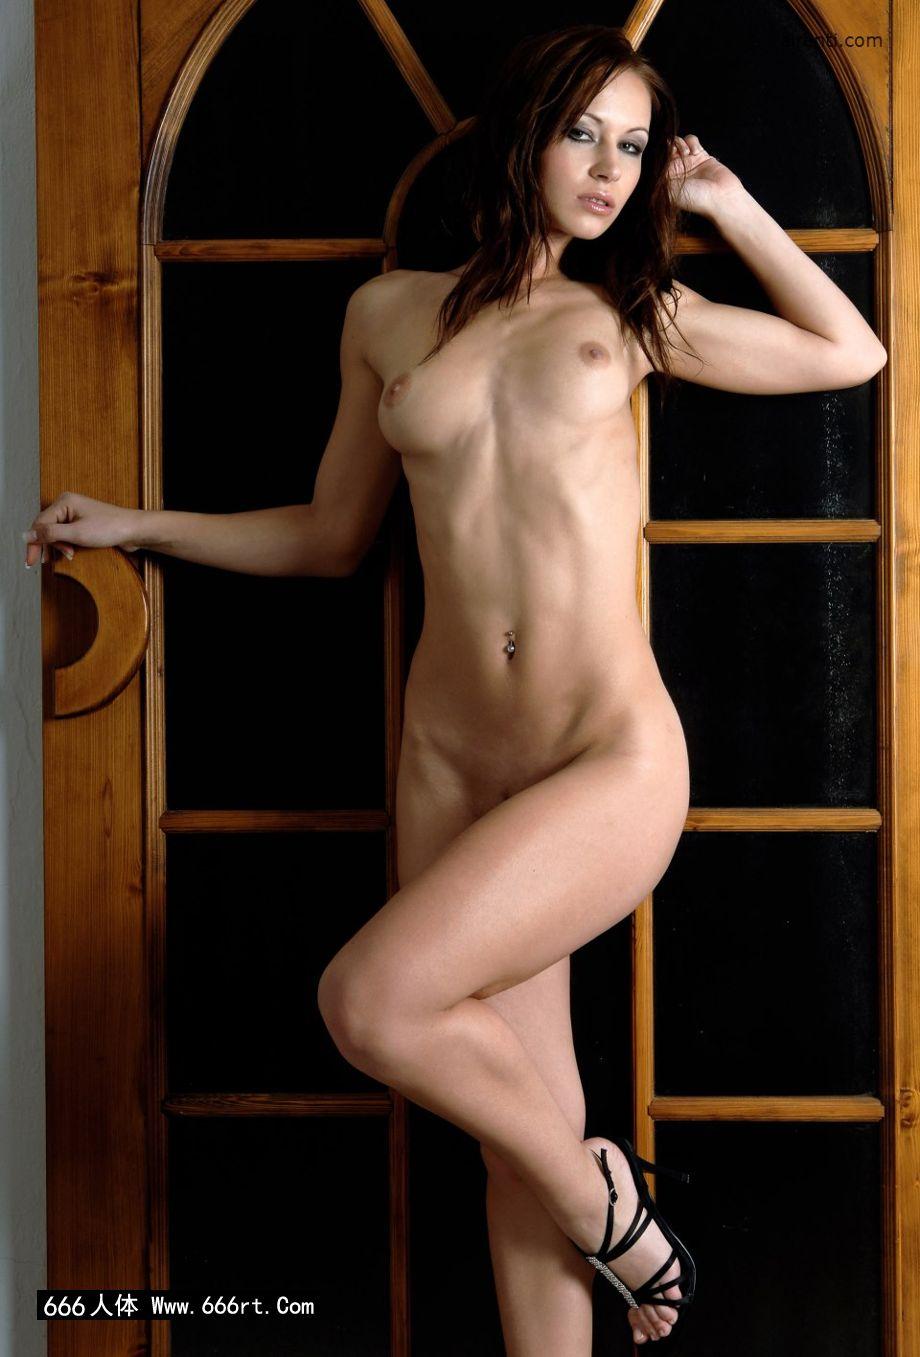 棚拍木门下身材超好的美模Gladys